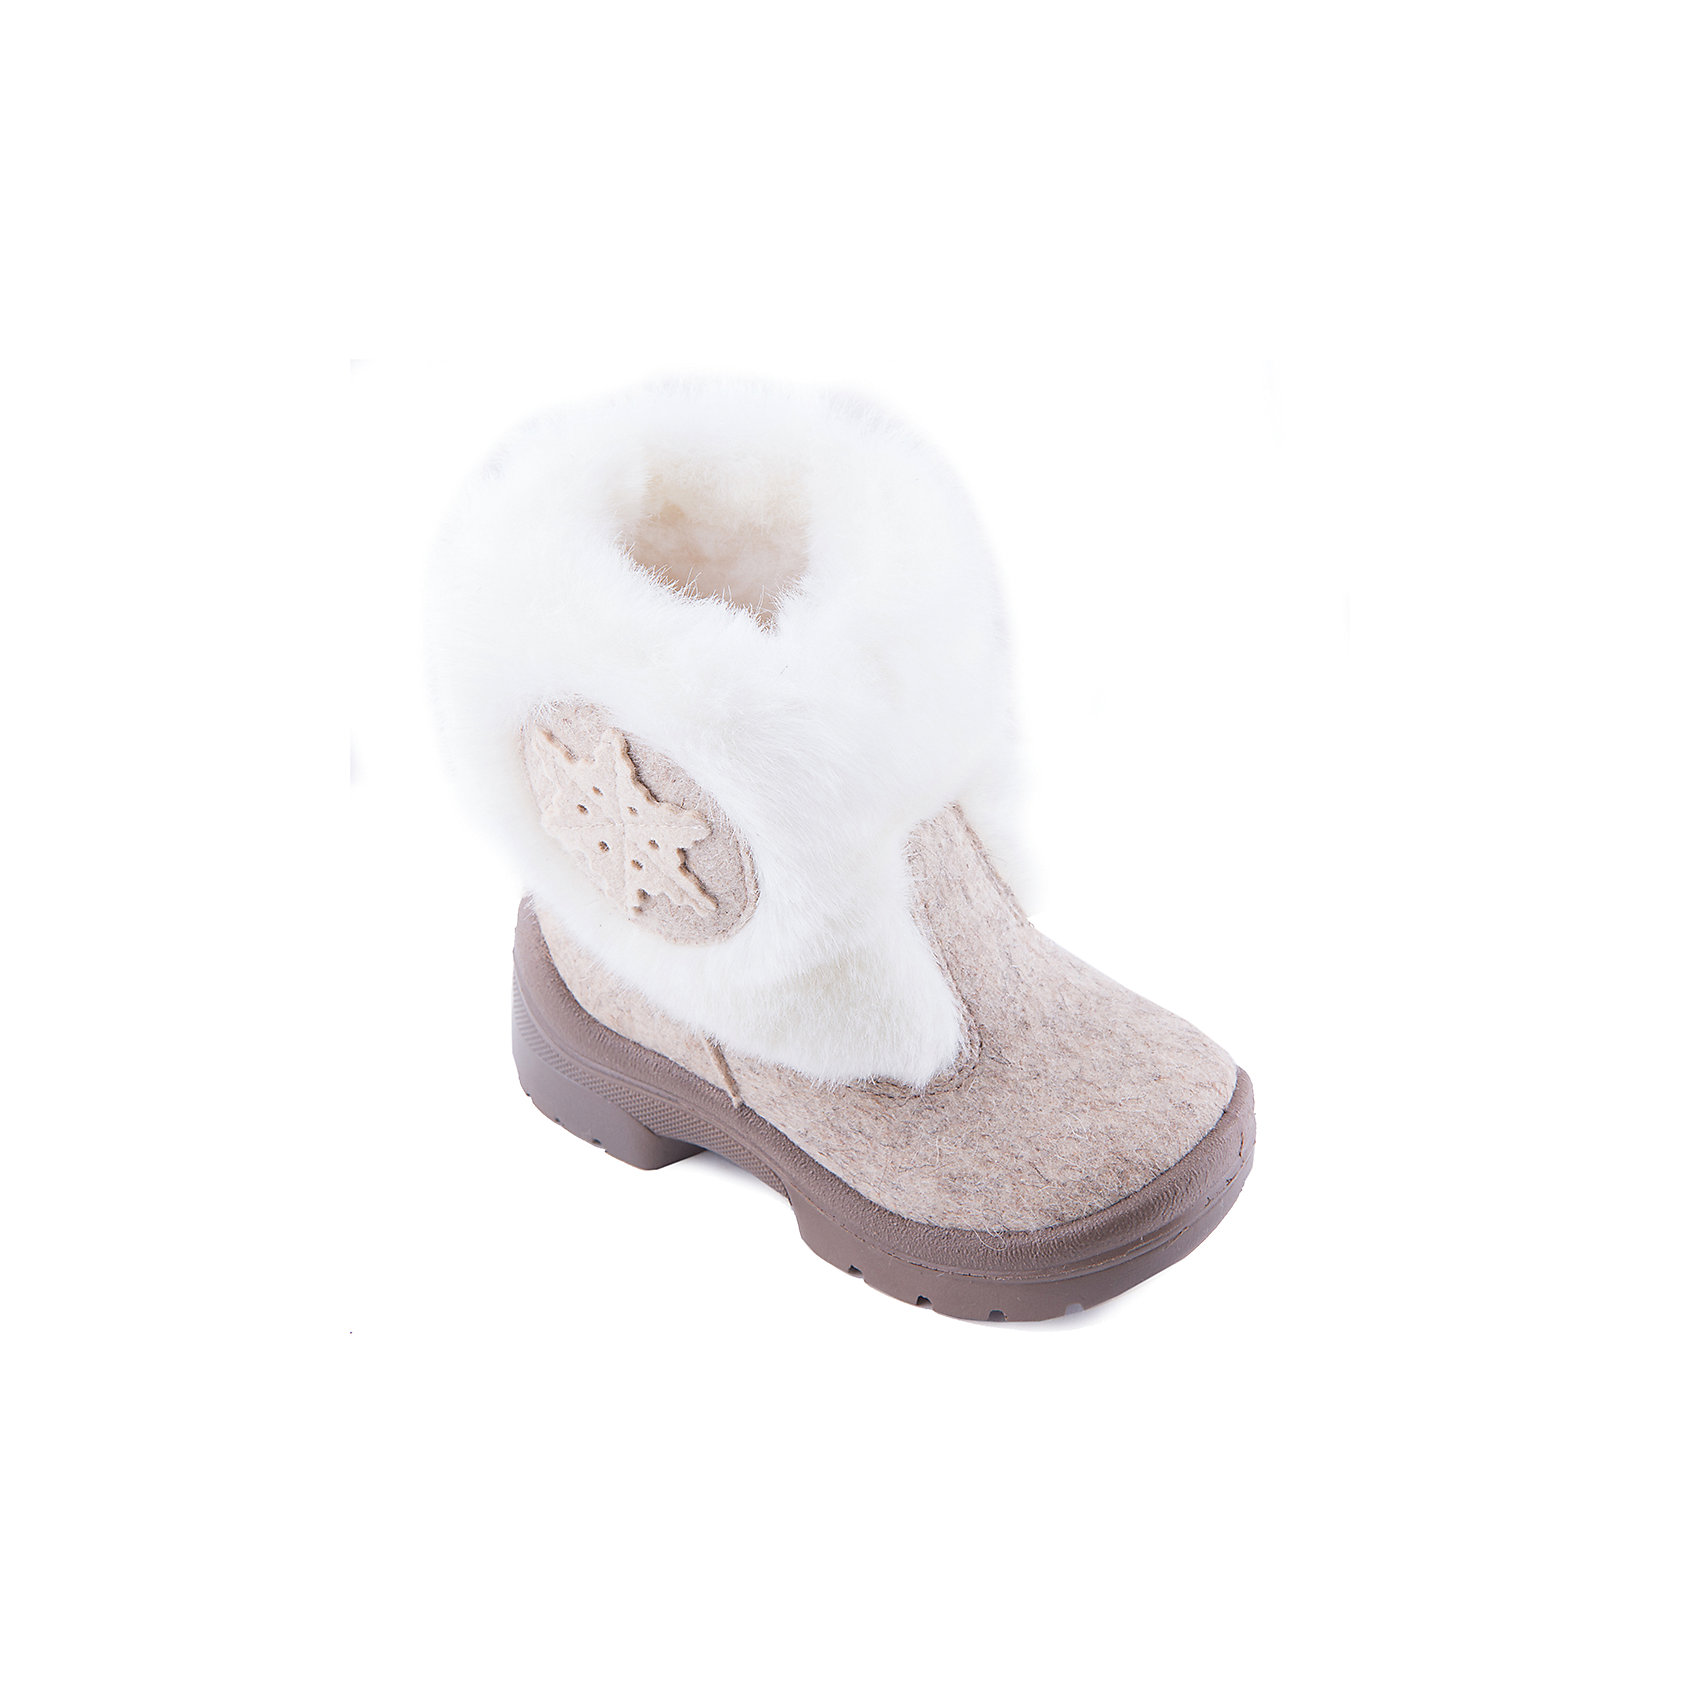 Валенки для девочки ФилипокВаленки для девочки Филипок. <br>Состав: <br>Подкладка - натуральная овечья шерсть;<br>Носочная часть защищена нат.кожей со специальным влагозащитным и износостойким полиуретановым покрытием.<br>Стелька - 100% шерстяной войлок,  толщиной 3,5 мм;<br>Подошва - литая, полиуритан.<br><br>Ширина мм: 257<br>Глубина мм: 180<br>Высота мм: 130<br>Вес г: 420<br>Цвет: серый<br>Возраст от месяцев: 60<br>Возраст до месяцев: 72<br>Пол: Женский<br>Возраст: Детский<br>Размер: 29,25,31,24,32,30,28,27,26<br>SKU: 3756708